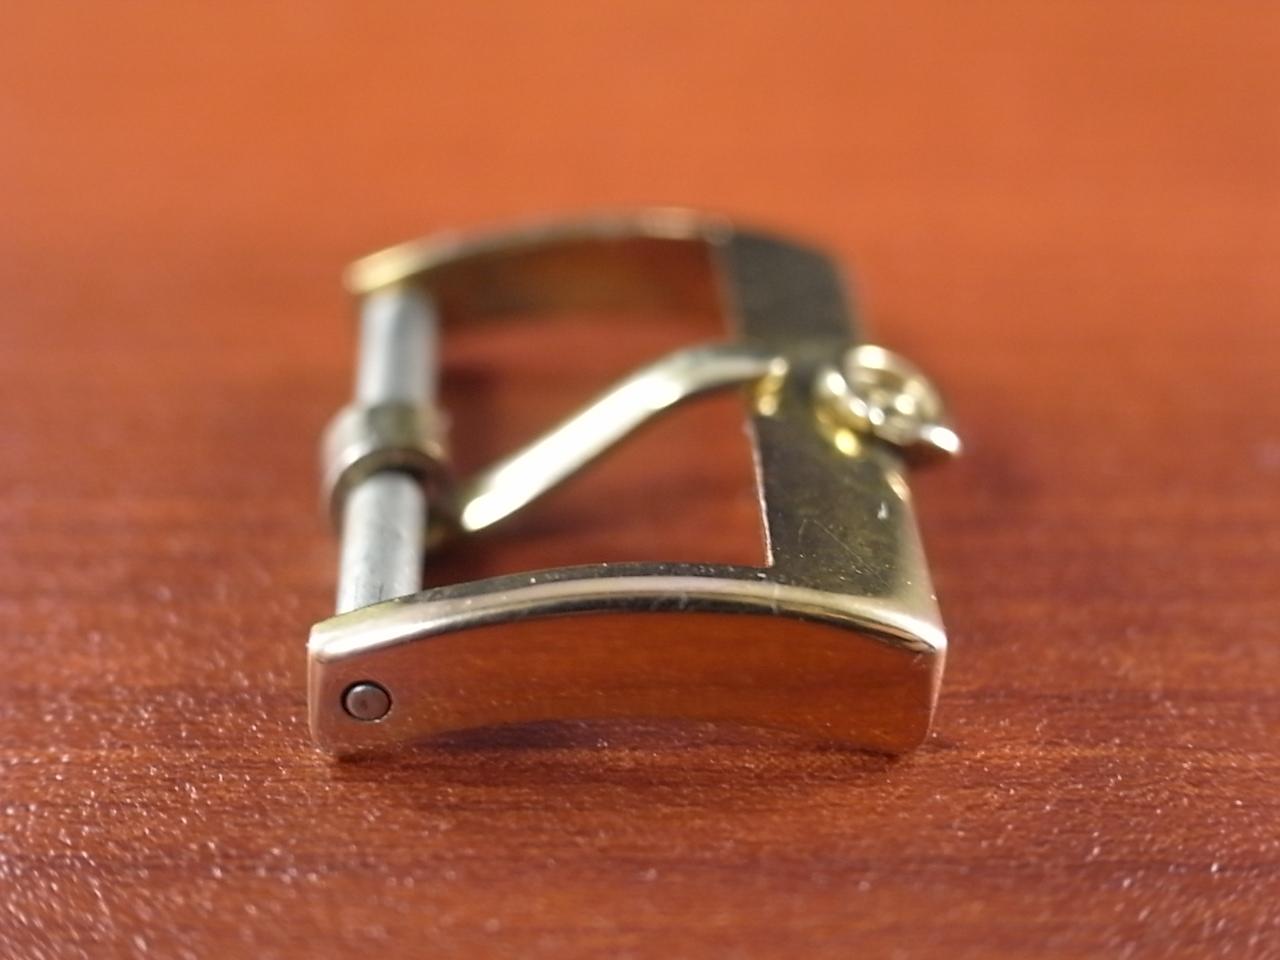 シーマ アンティーク尾錠 GP 16mm 1950年代の写真2枚目